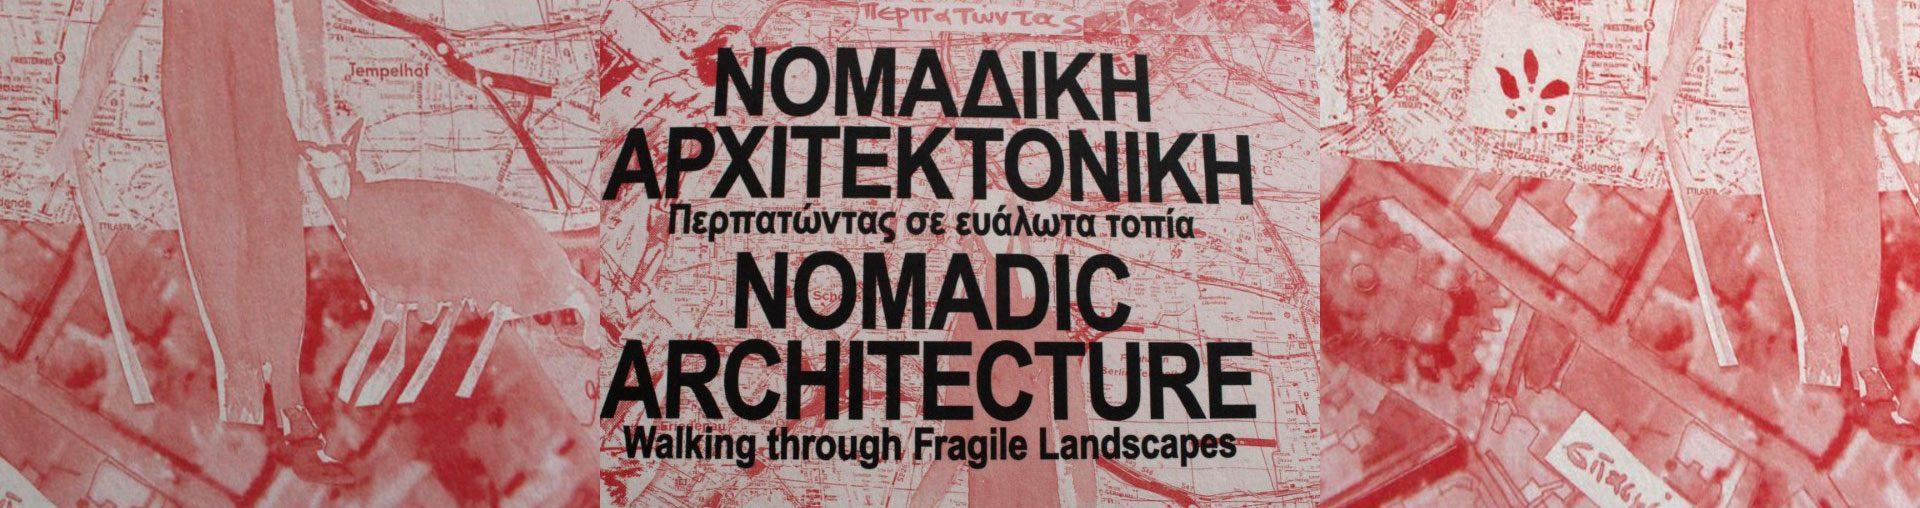 Παρουσίαση του βιβλίου Νομαδική Αρχιτεκτονική. Περπατώντας σε ευάλωτα τοπία